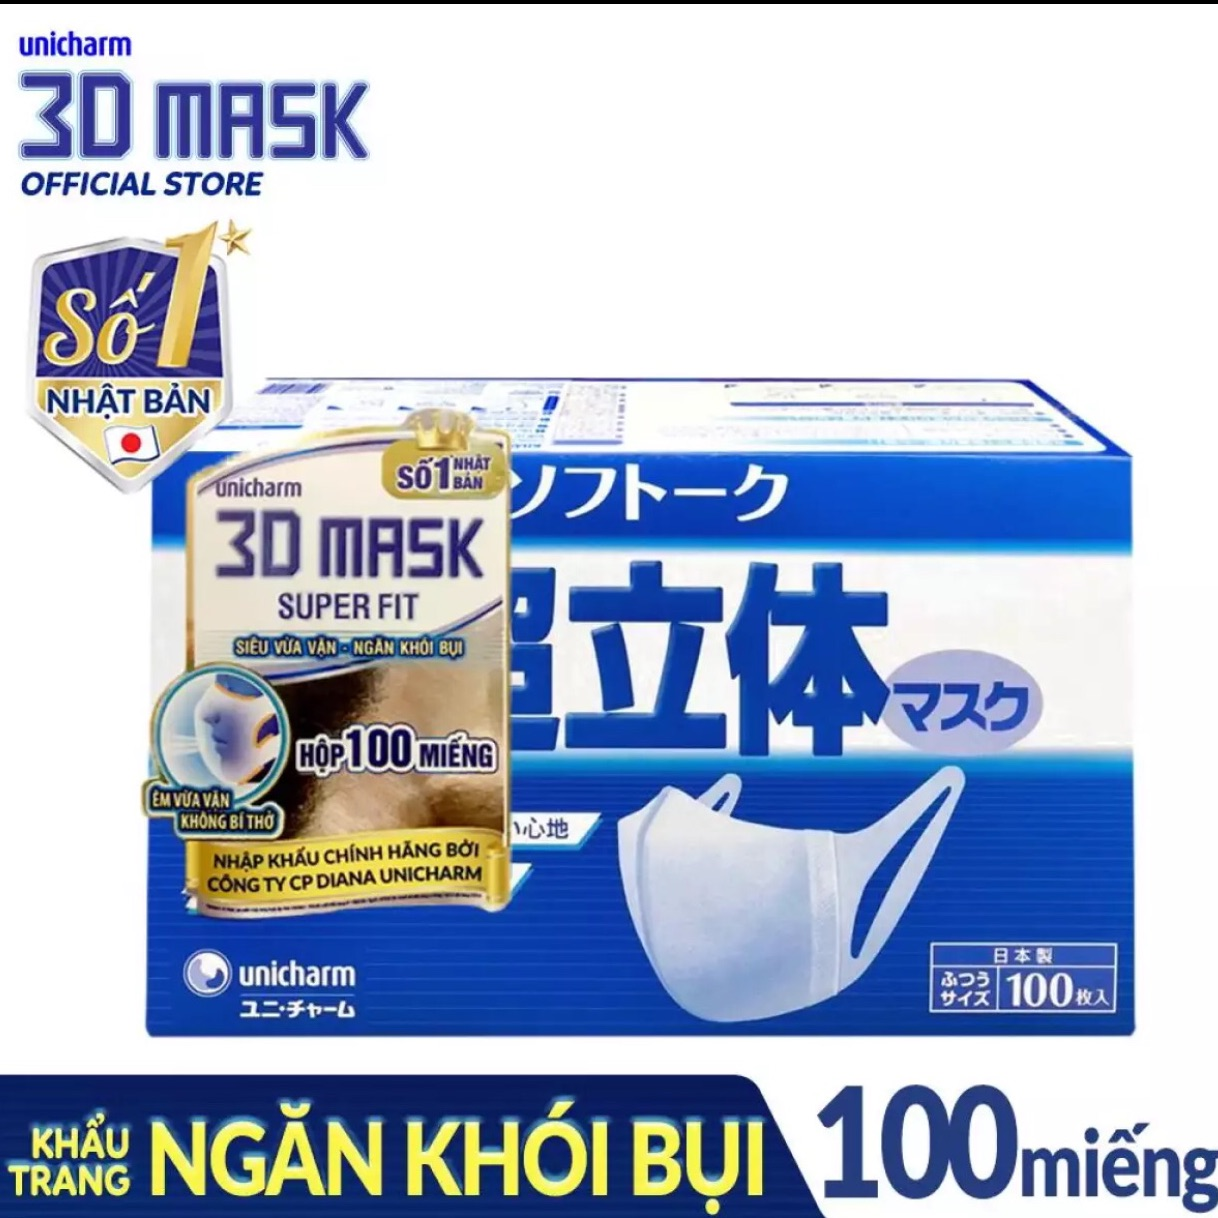 [Hộp 100c] Khẩu tran g Unicharm 3D Mask Super Fit (ngăn được bụi mịn)/3D 마스크/4層マスク